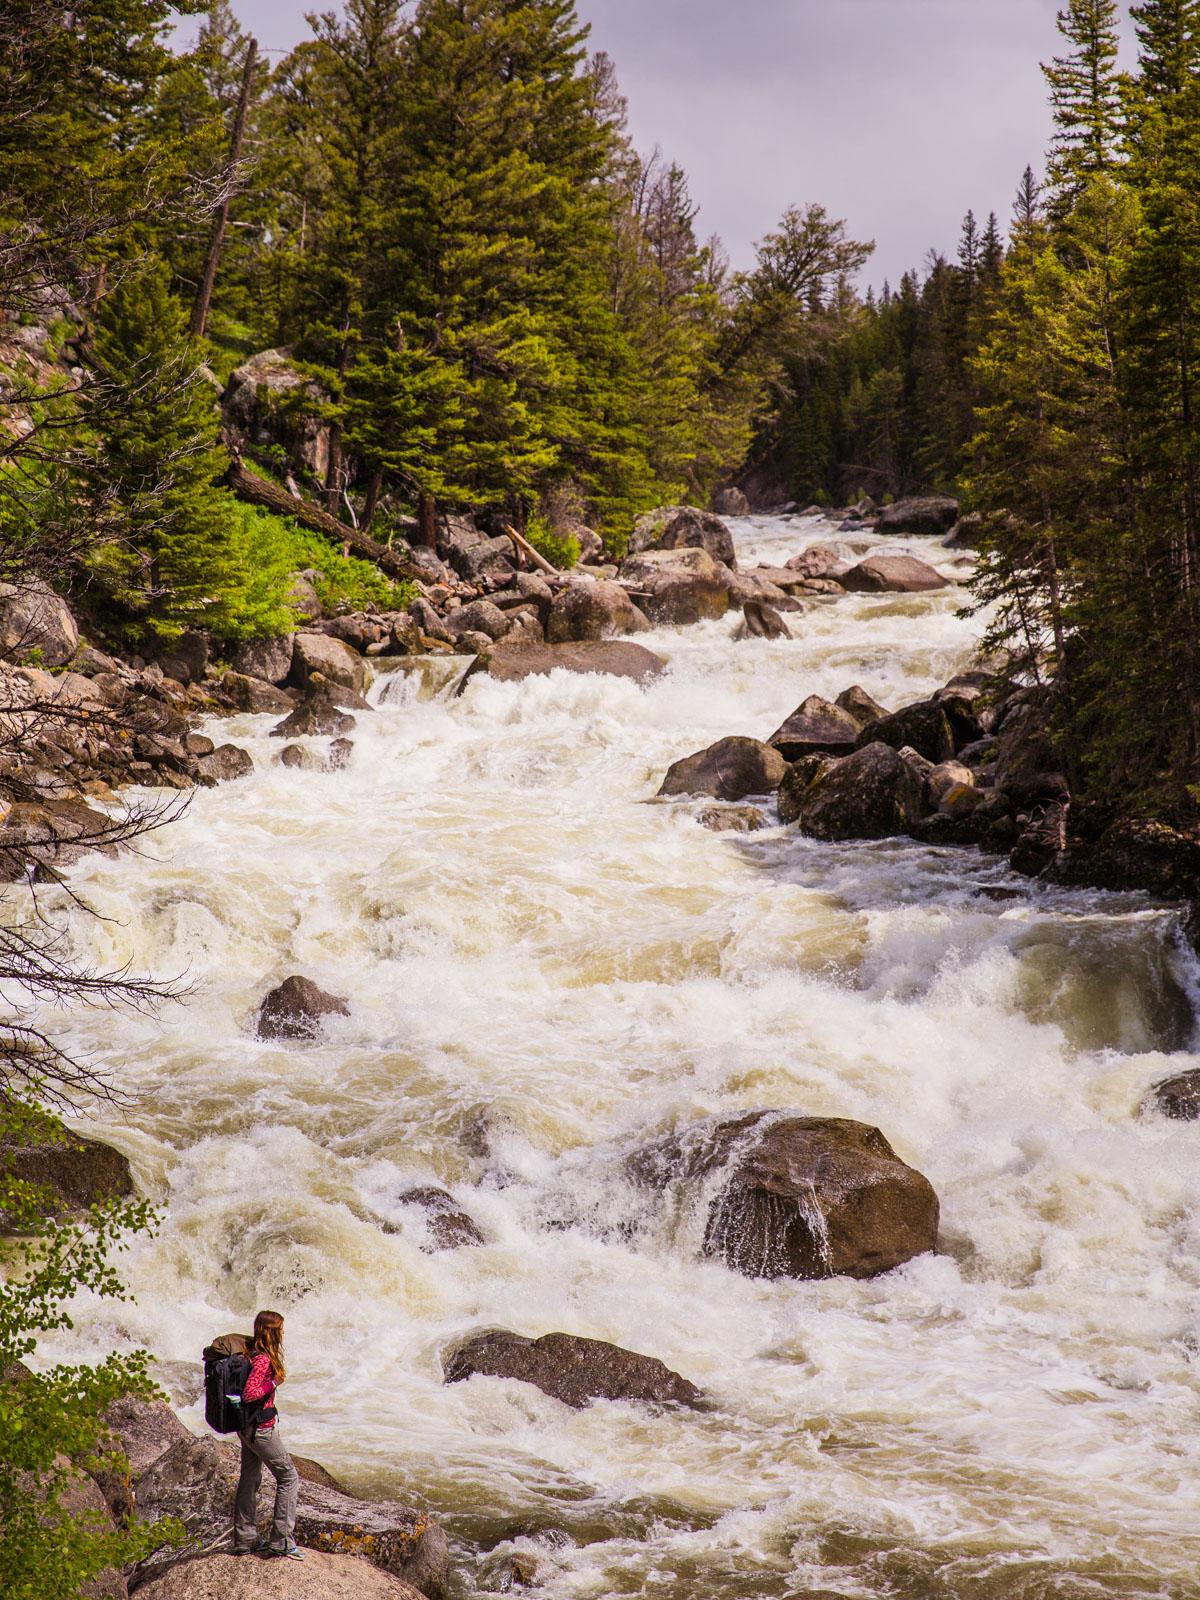 activities-hiking-photography-j-bar-l-ranch-montana-03